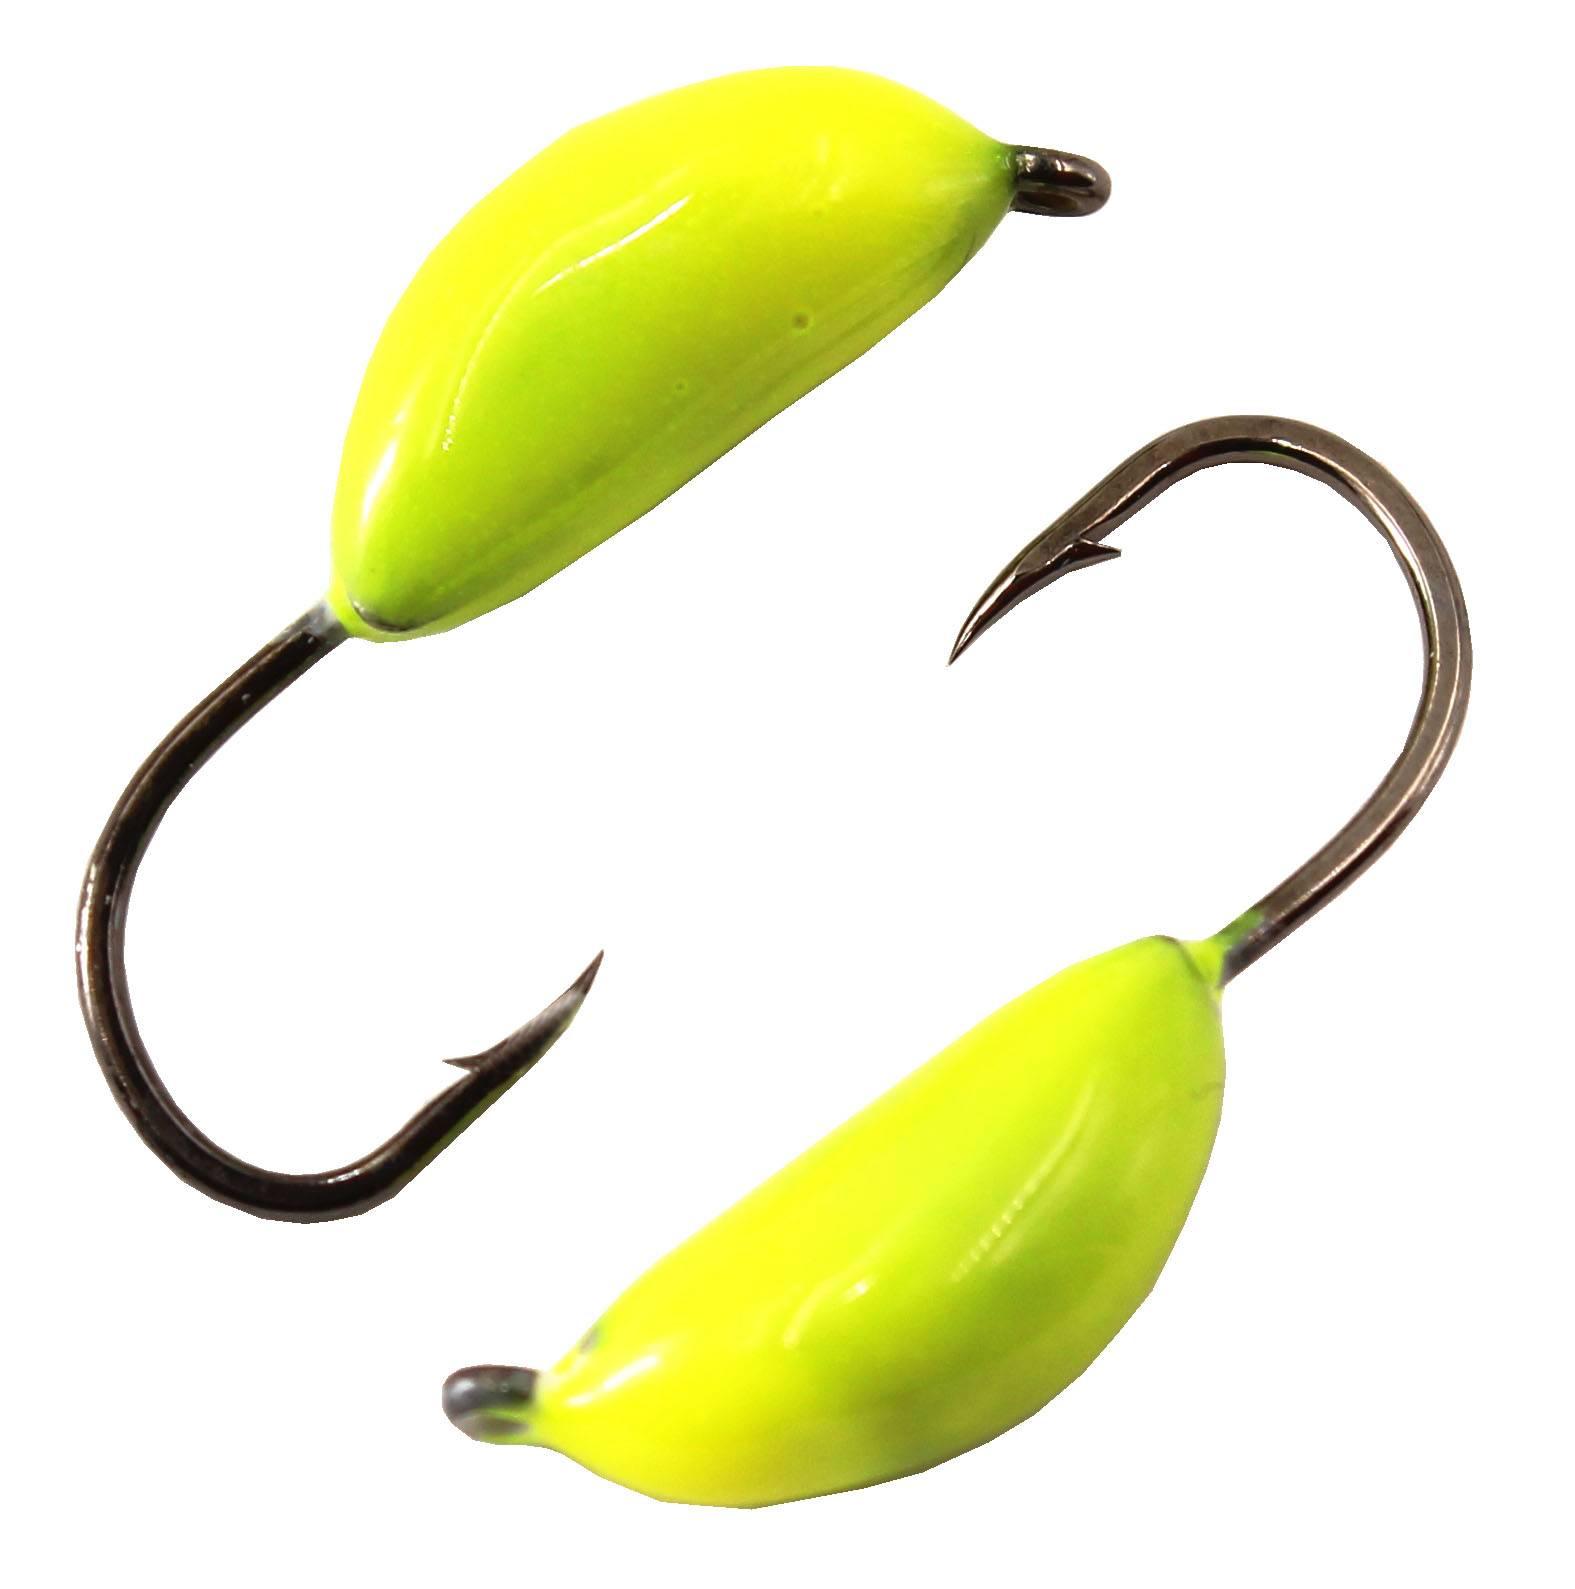 Мормышка-нимфа: применение для летнего и зимнего лова, банан и капля, прочие разновидности безмотылок